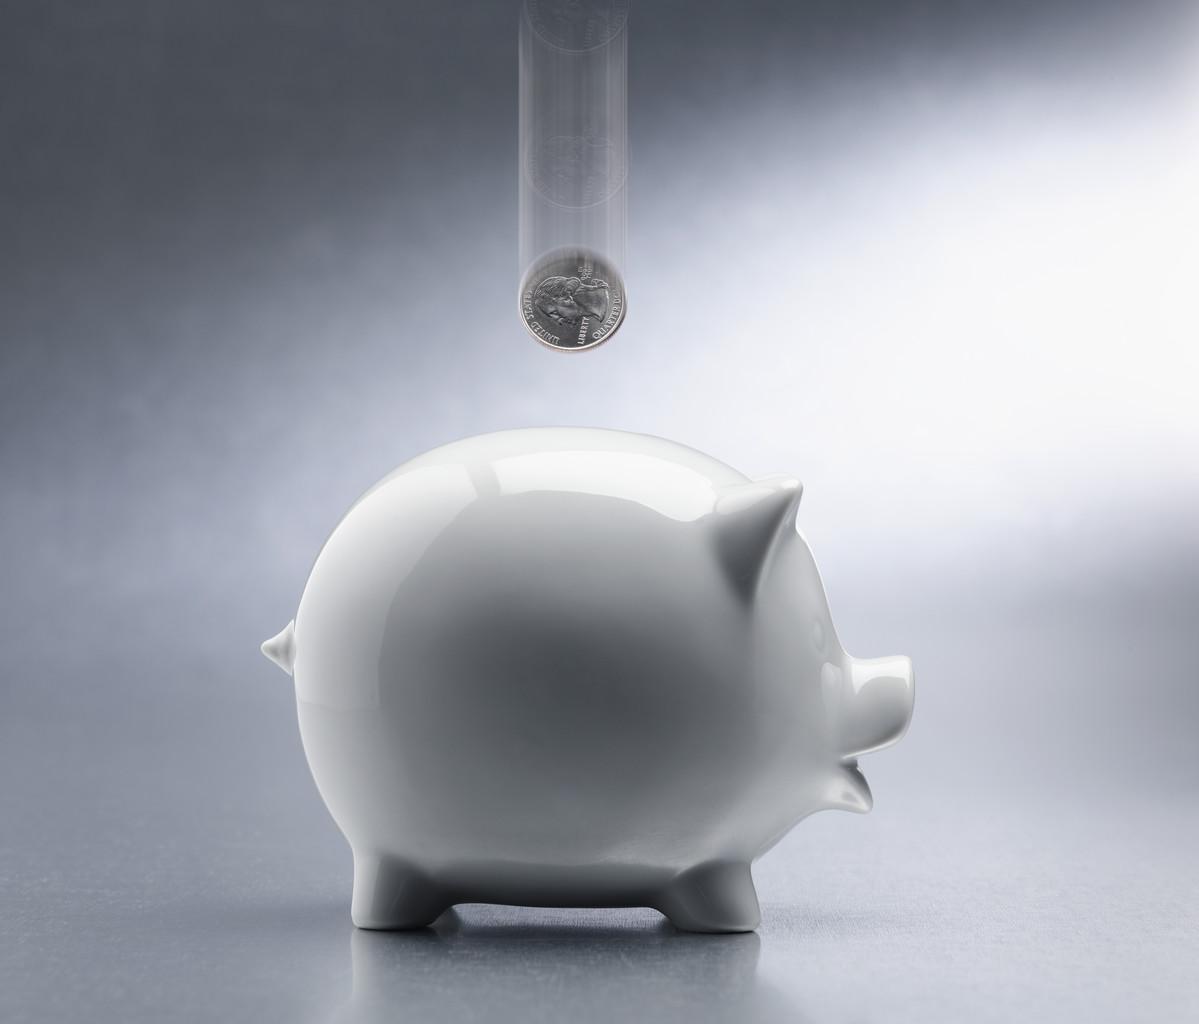 http://2.bp.blogspot.com/-nzTwMsmfrqY/T1tdcVn-xjI/AAAAAAAAAqo/WsOBh-teFdA/s1600/money-saving_piggy.jpg